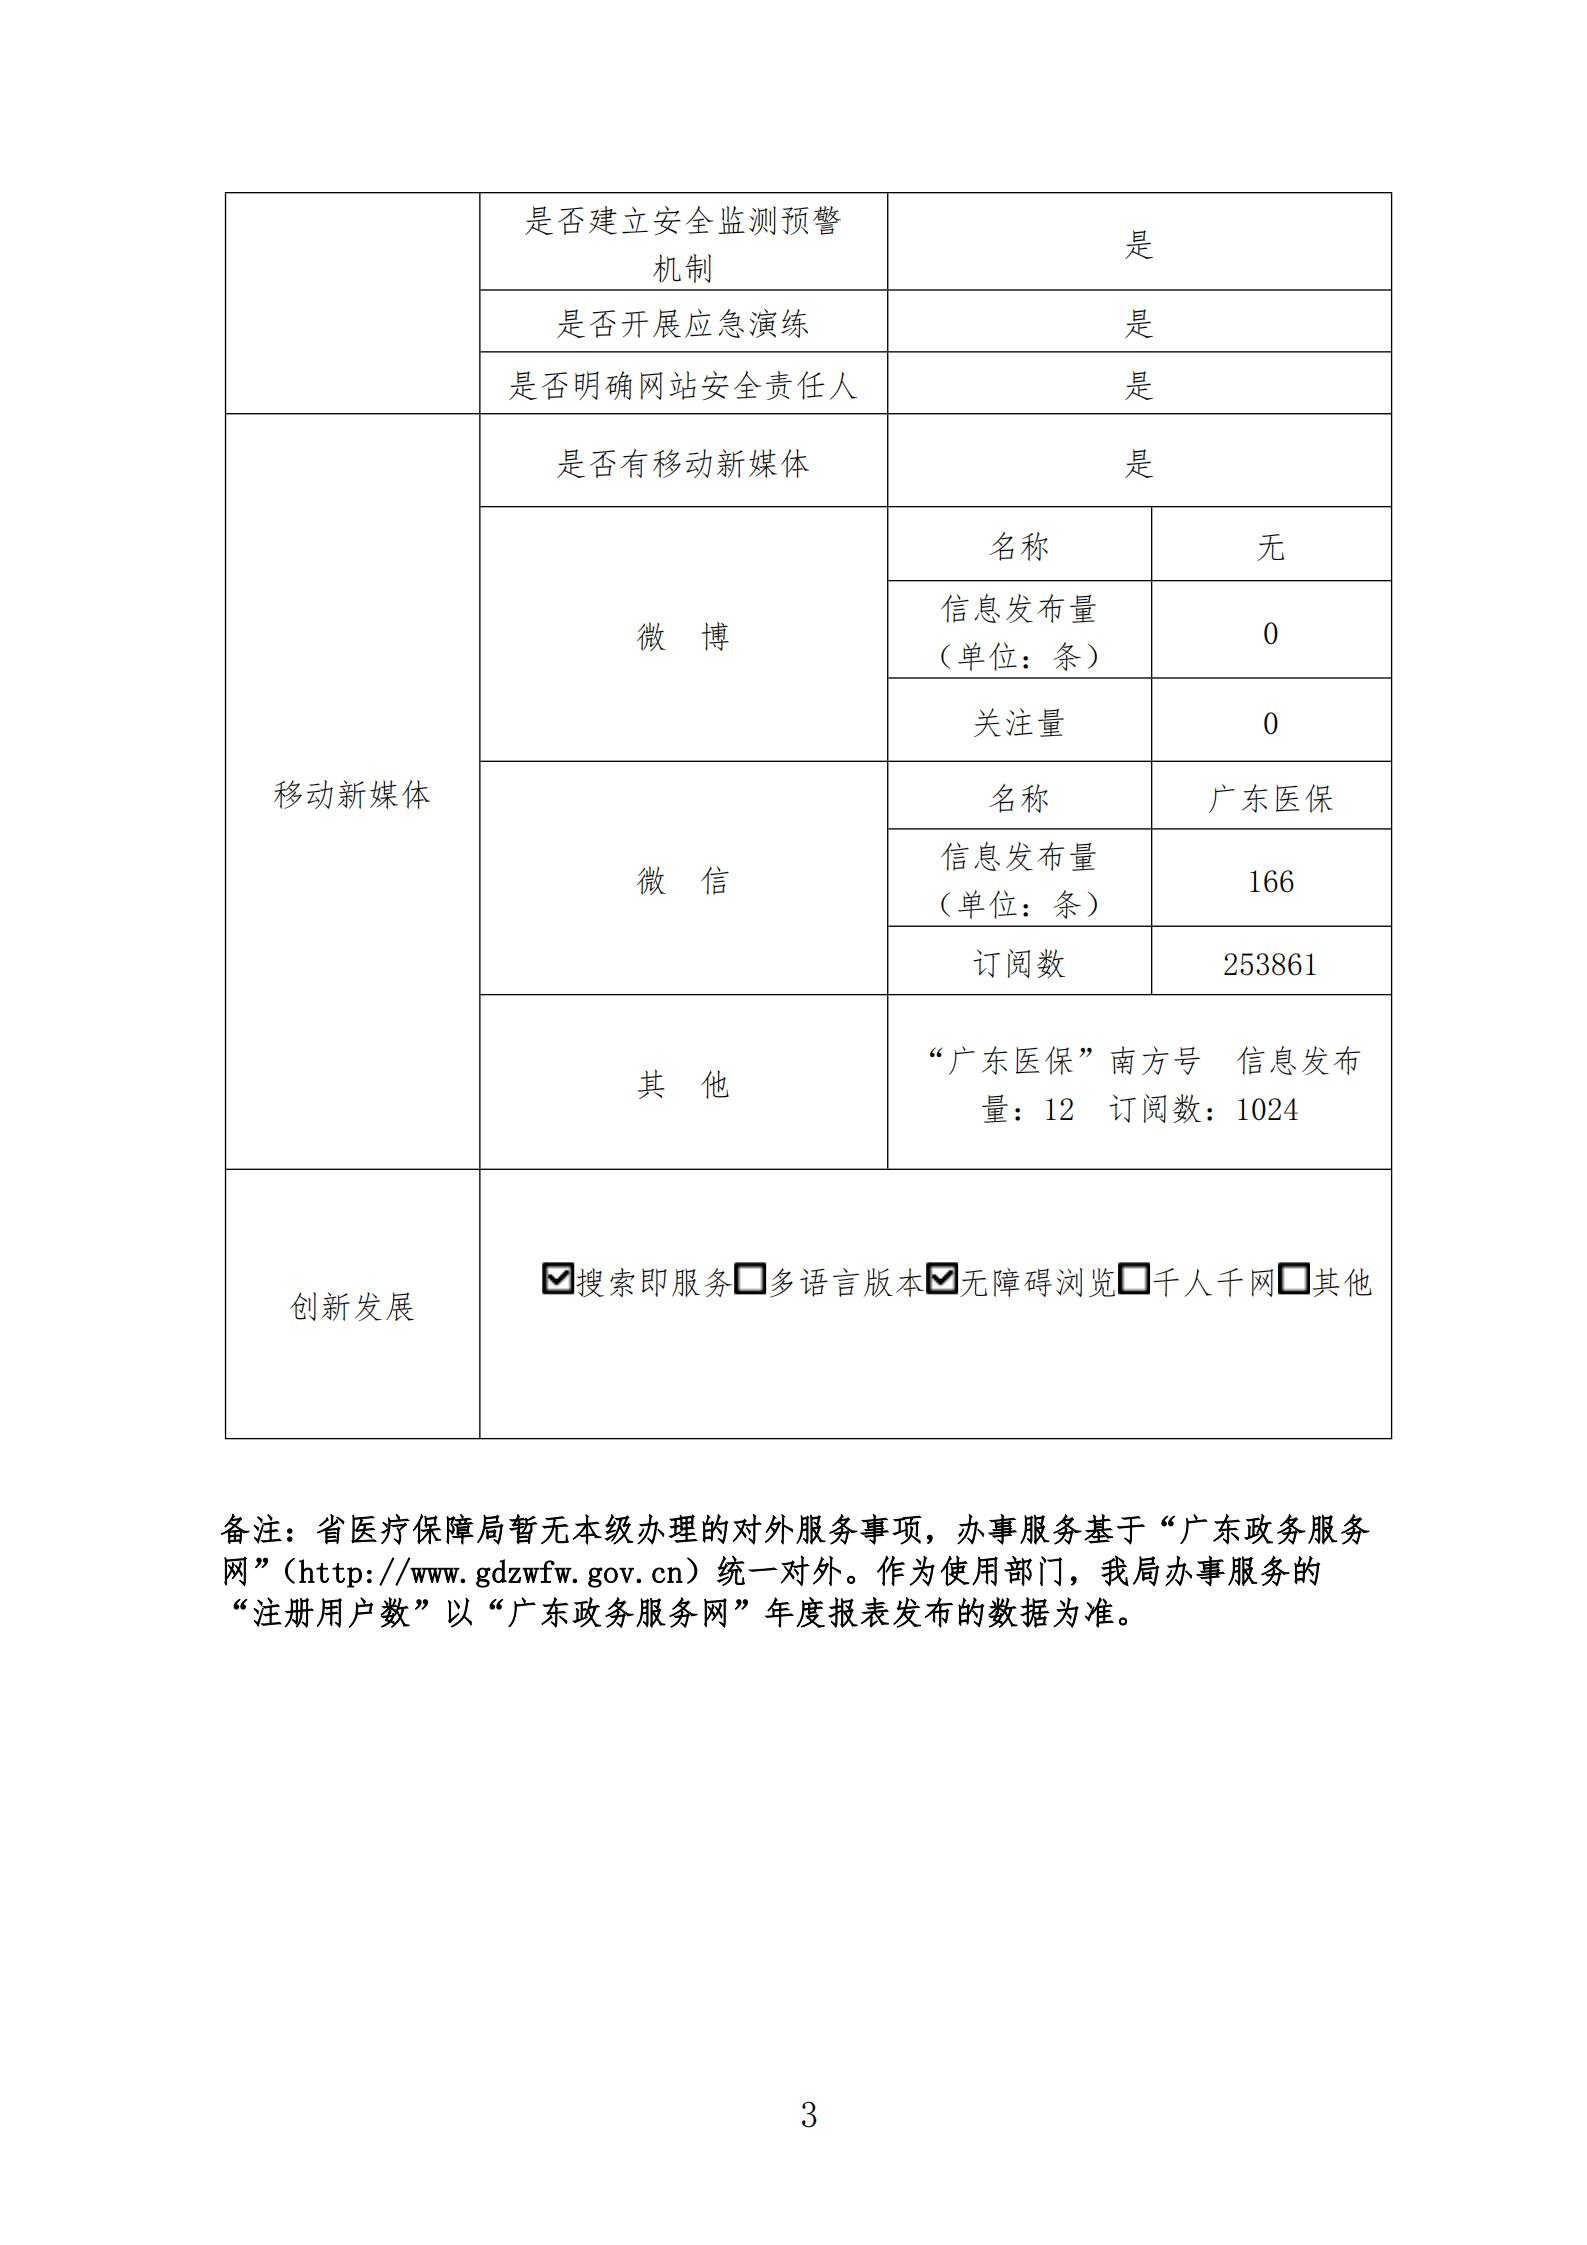 广东省医疗保障局政府网站工作报表(2020年度)_02.png